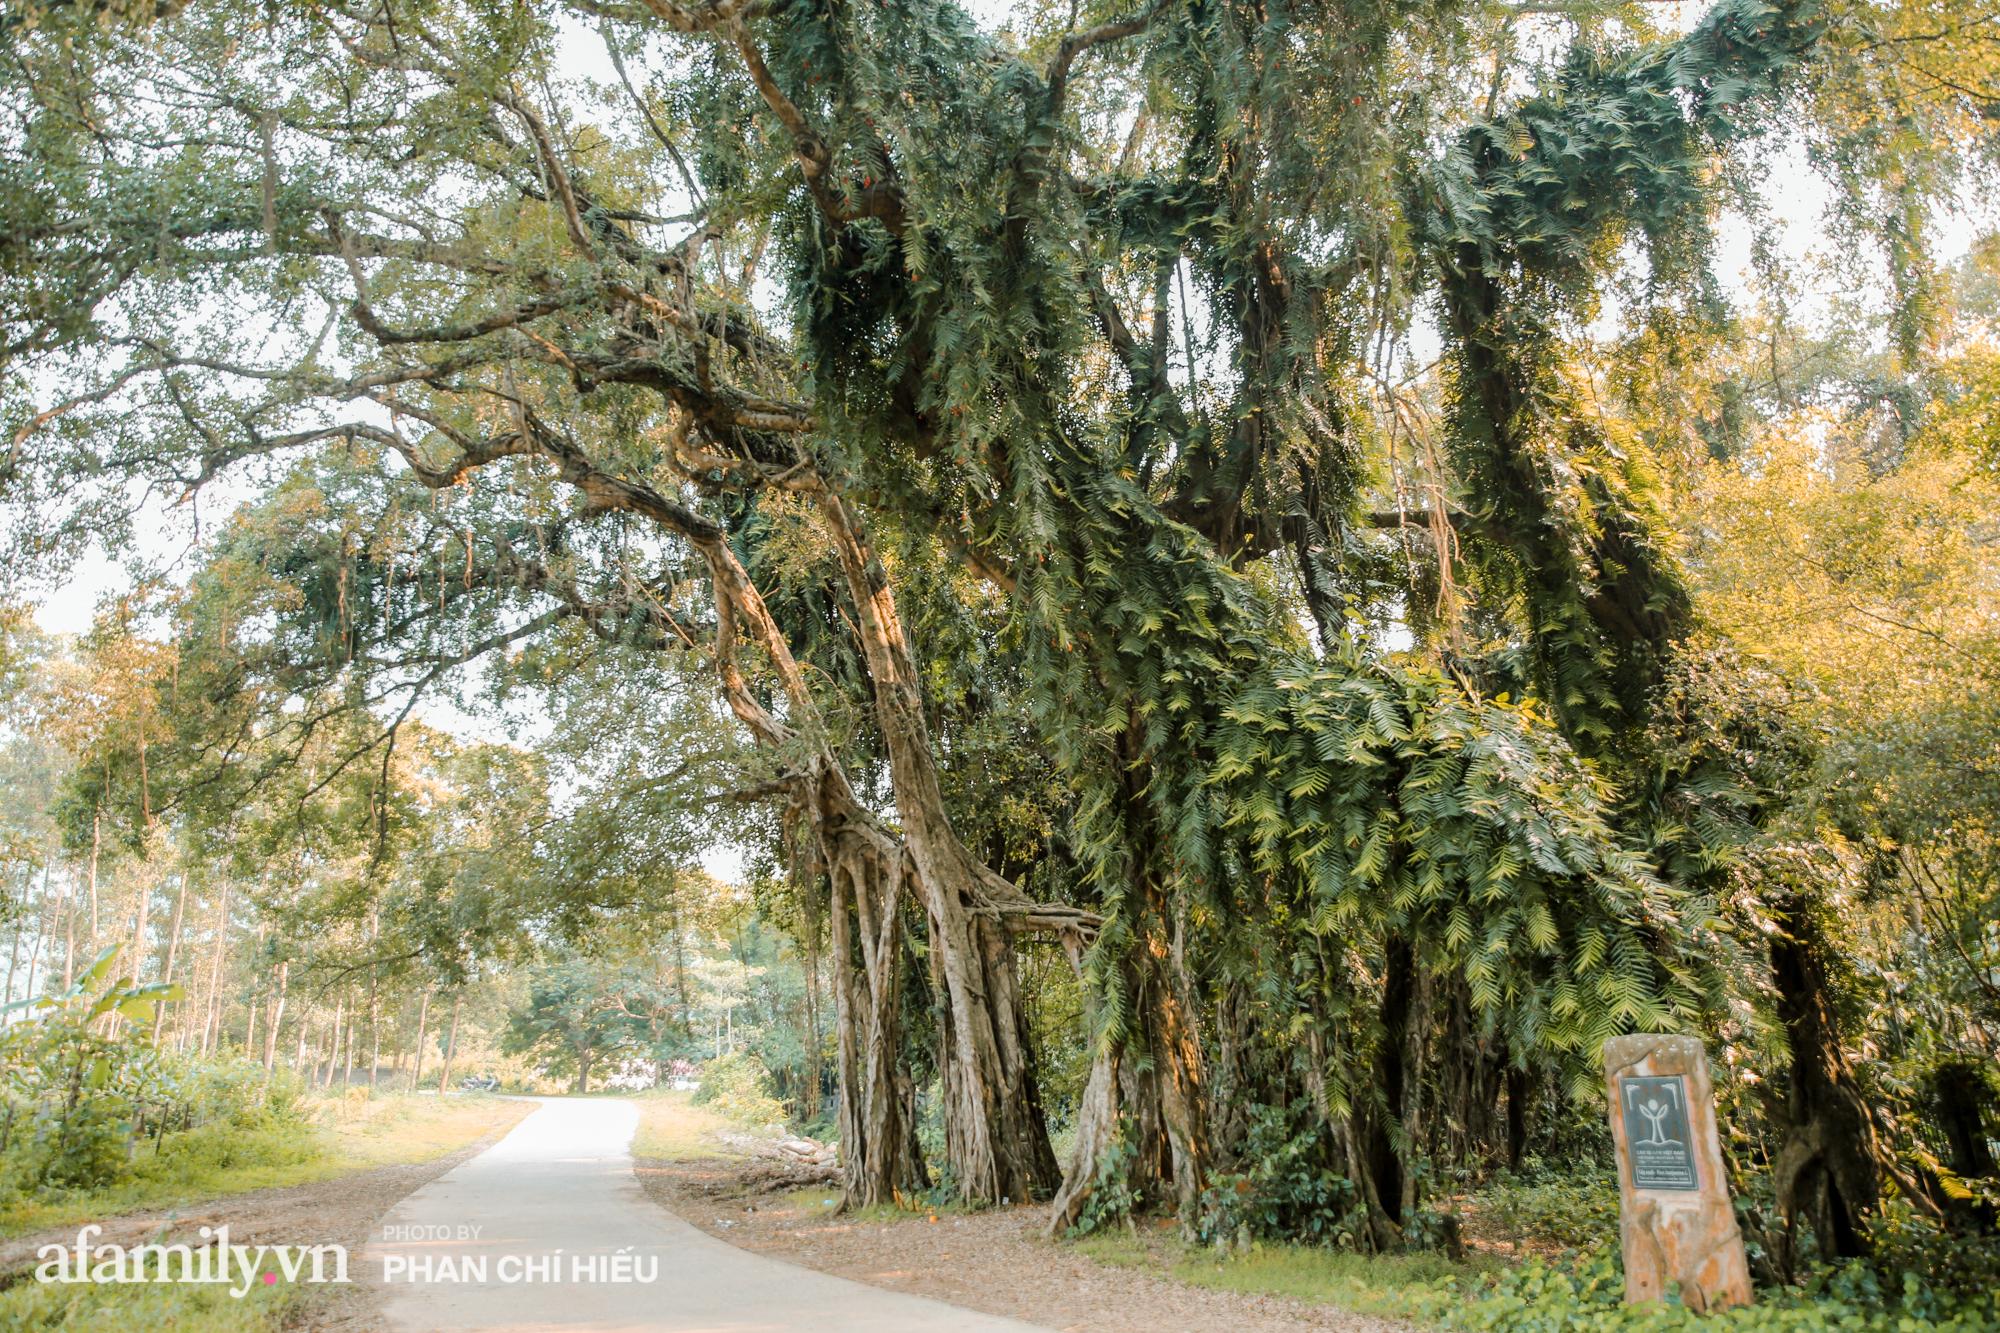 Ngôi làng độc nhất Việt Nam sở hữu chiếc cổng từ cây đại thu 800 năm tuổi, từng là bối cảnh cực ấn tượng trong những bộ phim về làng quê Việt Nam - Ảnh 3.